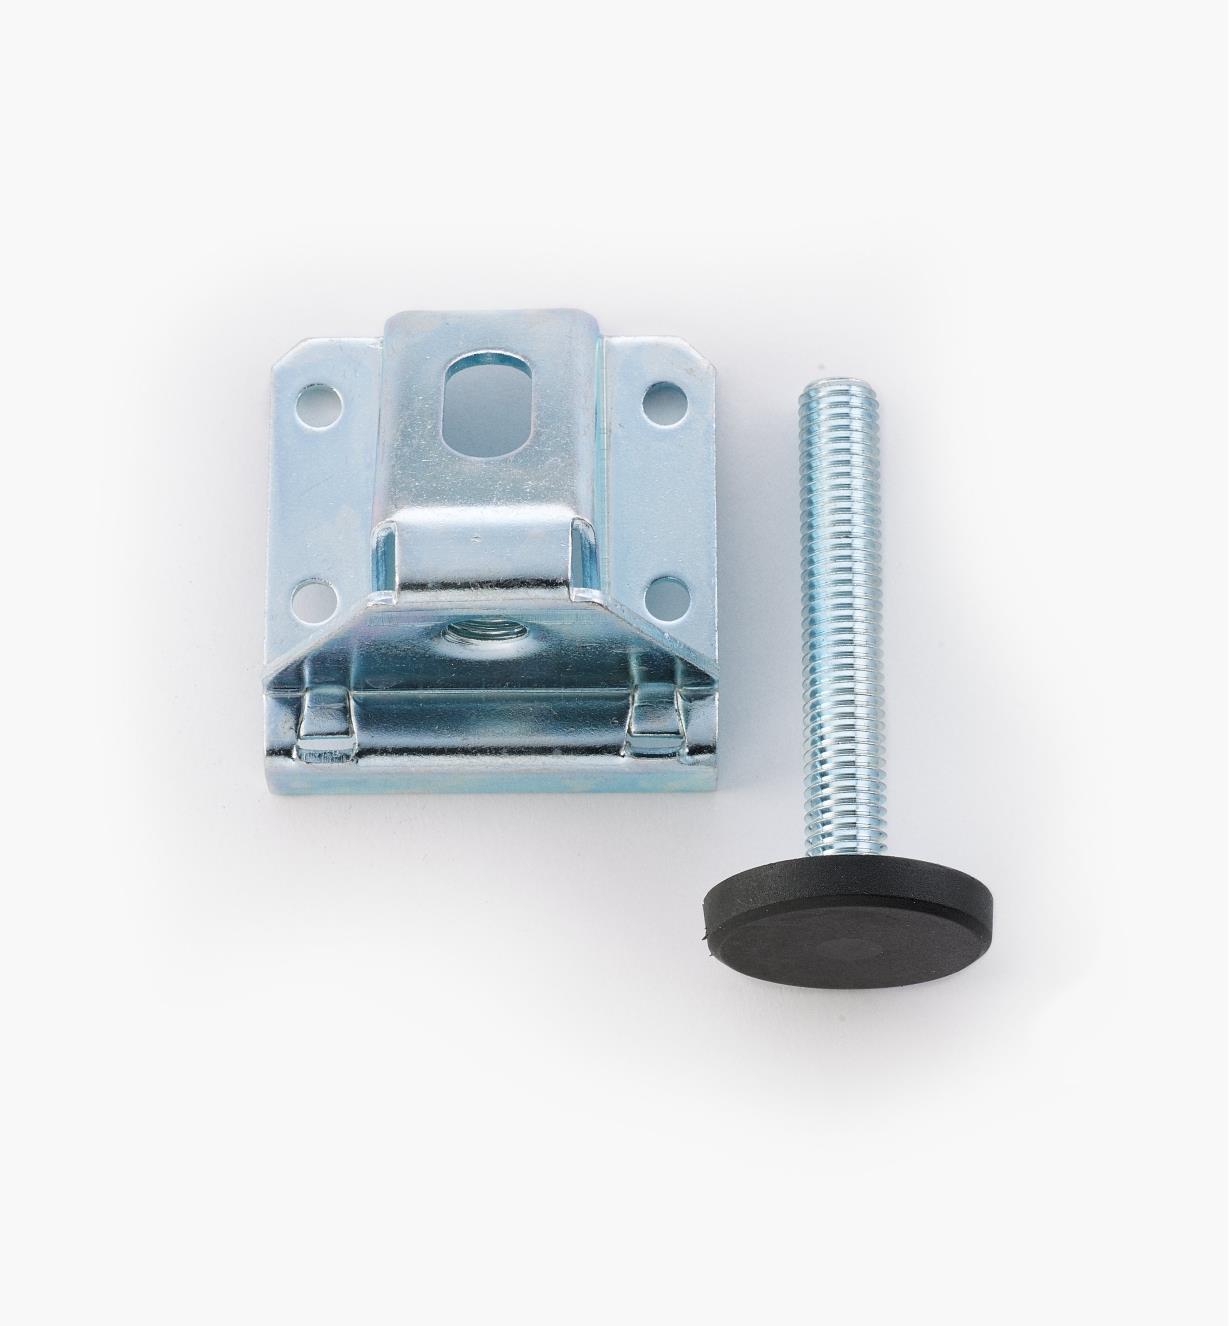 01S0810 - Heavy-Duty Adjustable Glide, each